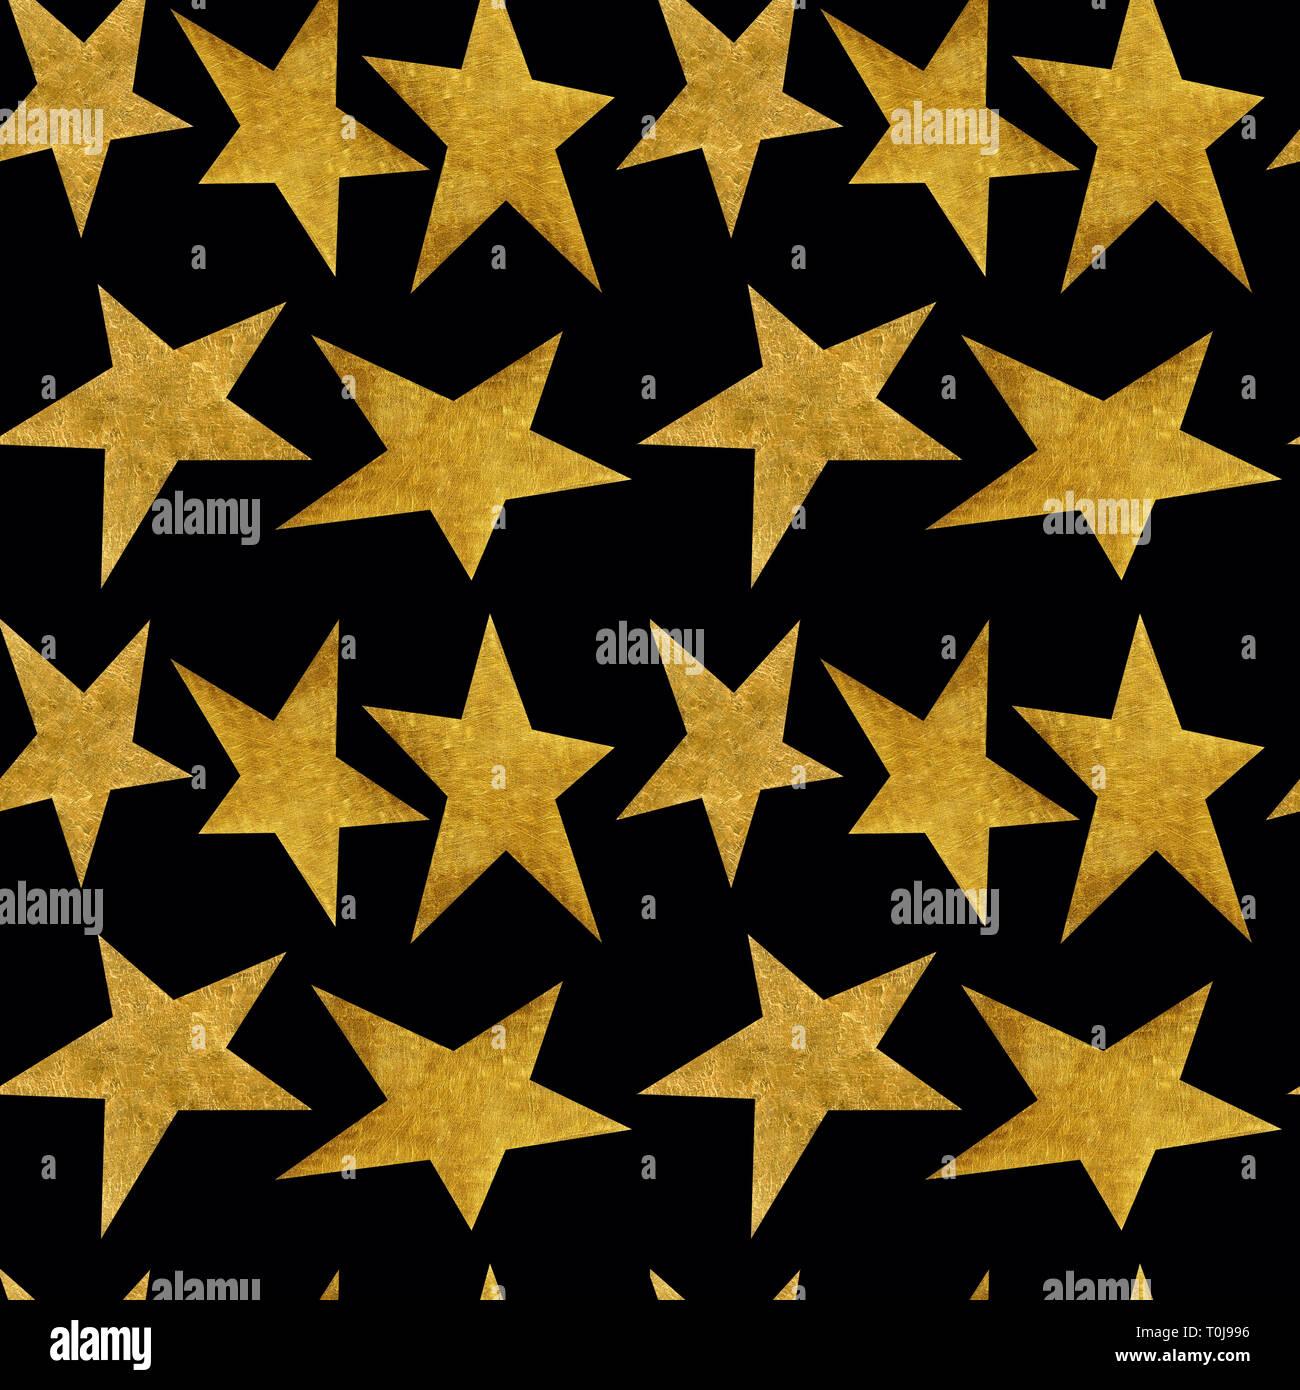 Modèle Transparent Avec Des étoiles Métalliques Dor Sur